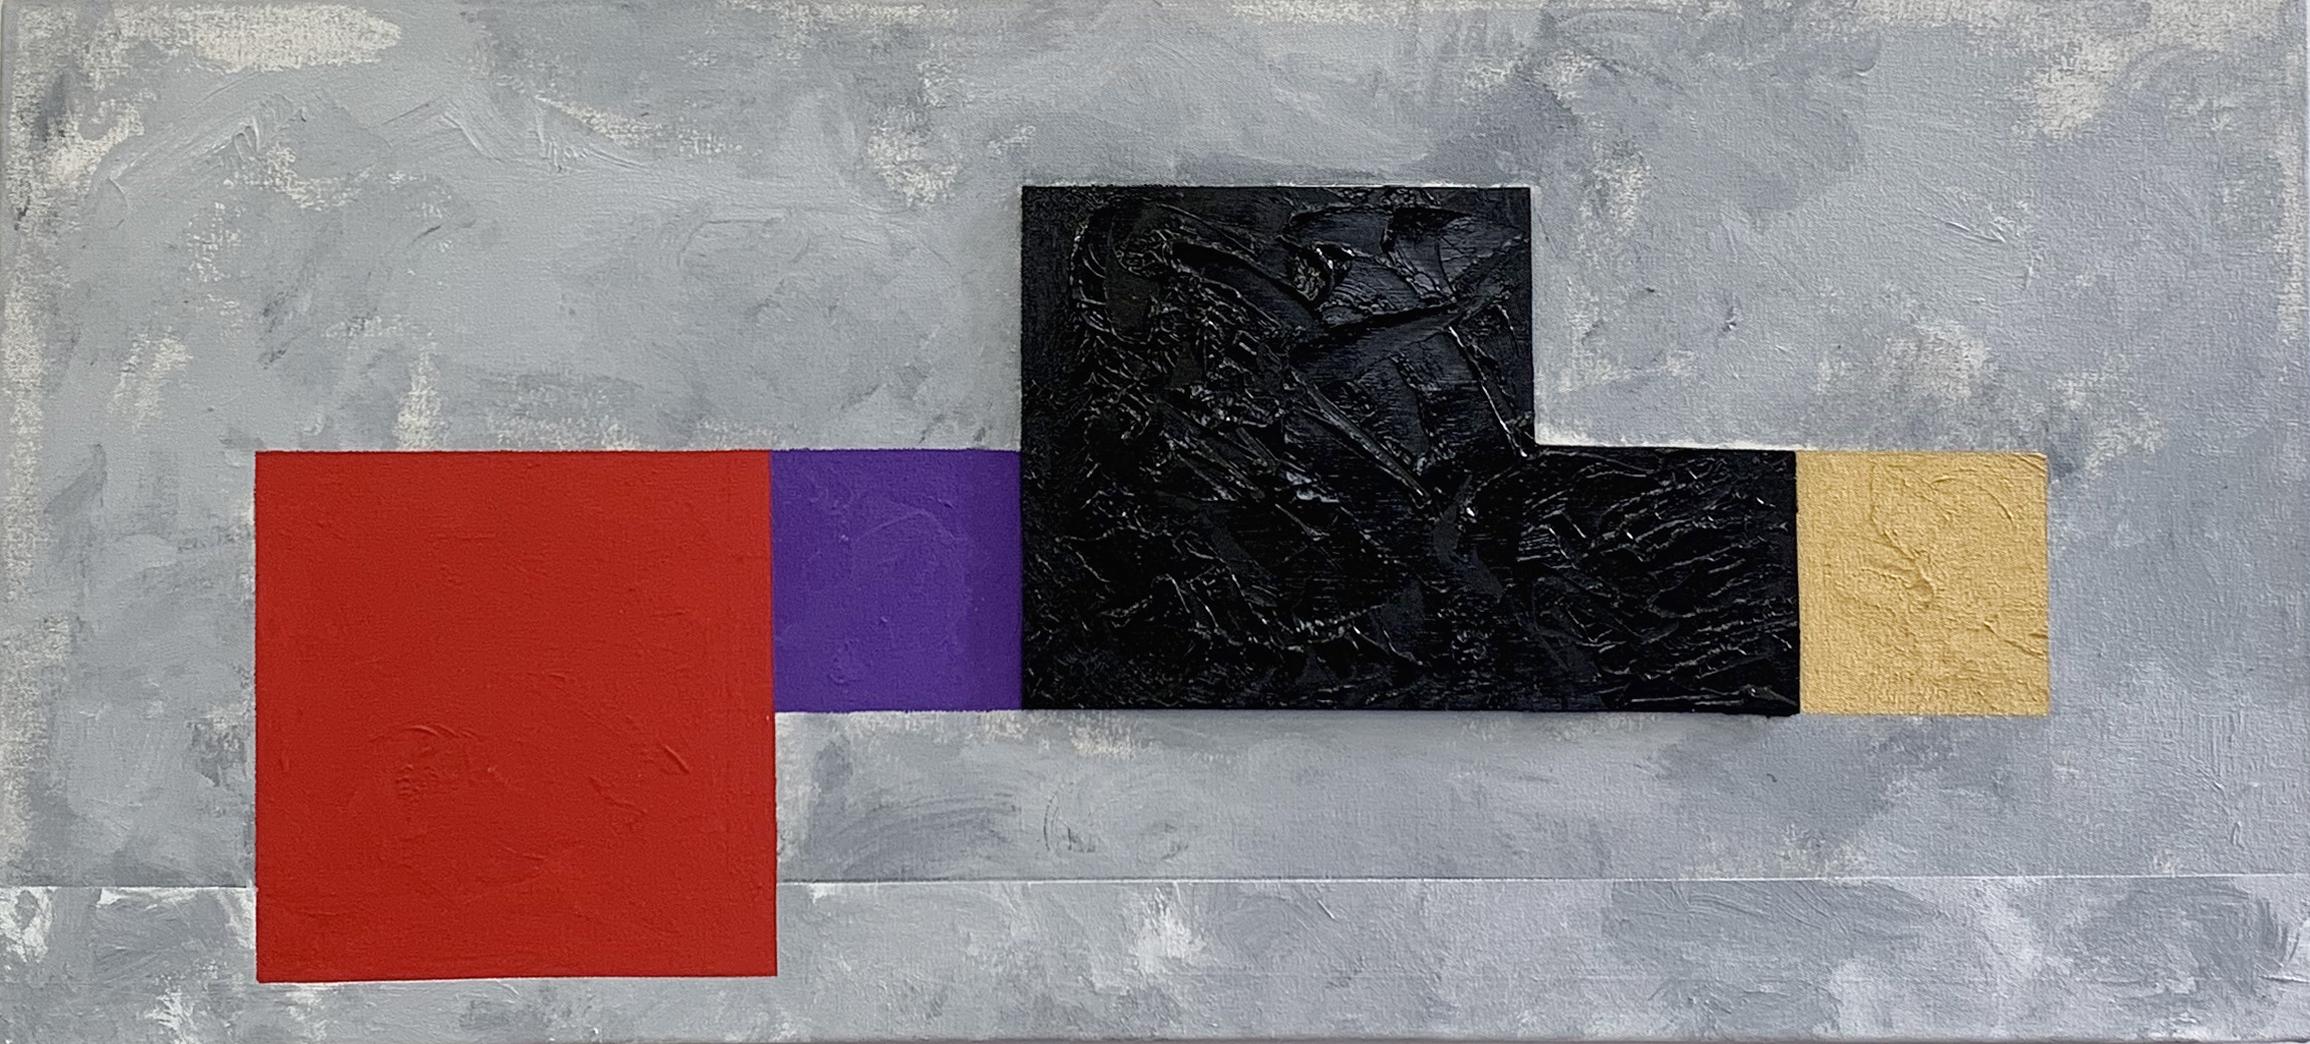 Pintura em fundo cinza tem formas geométricas em vermelho, roxo e preto